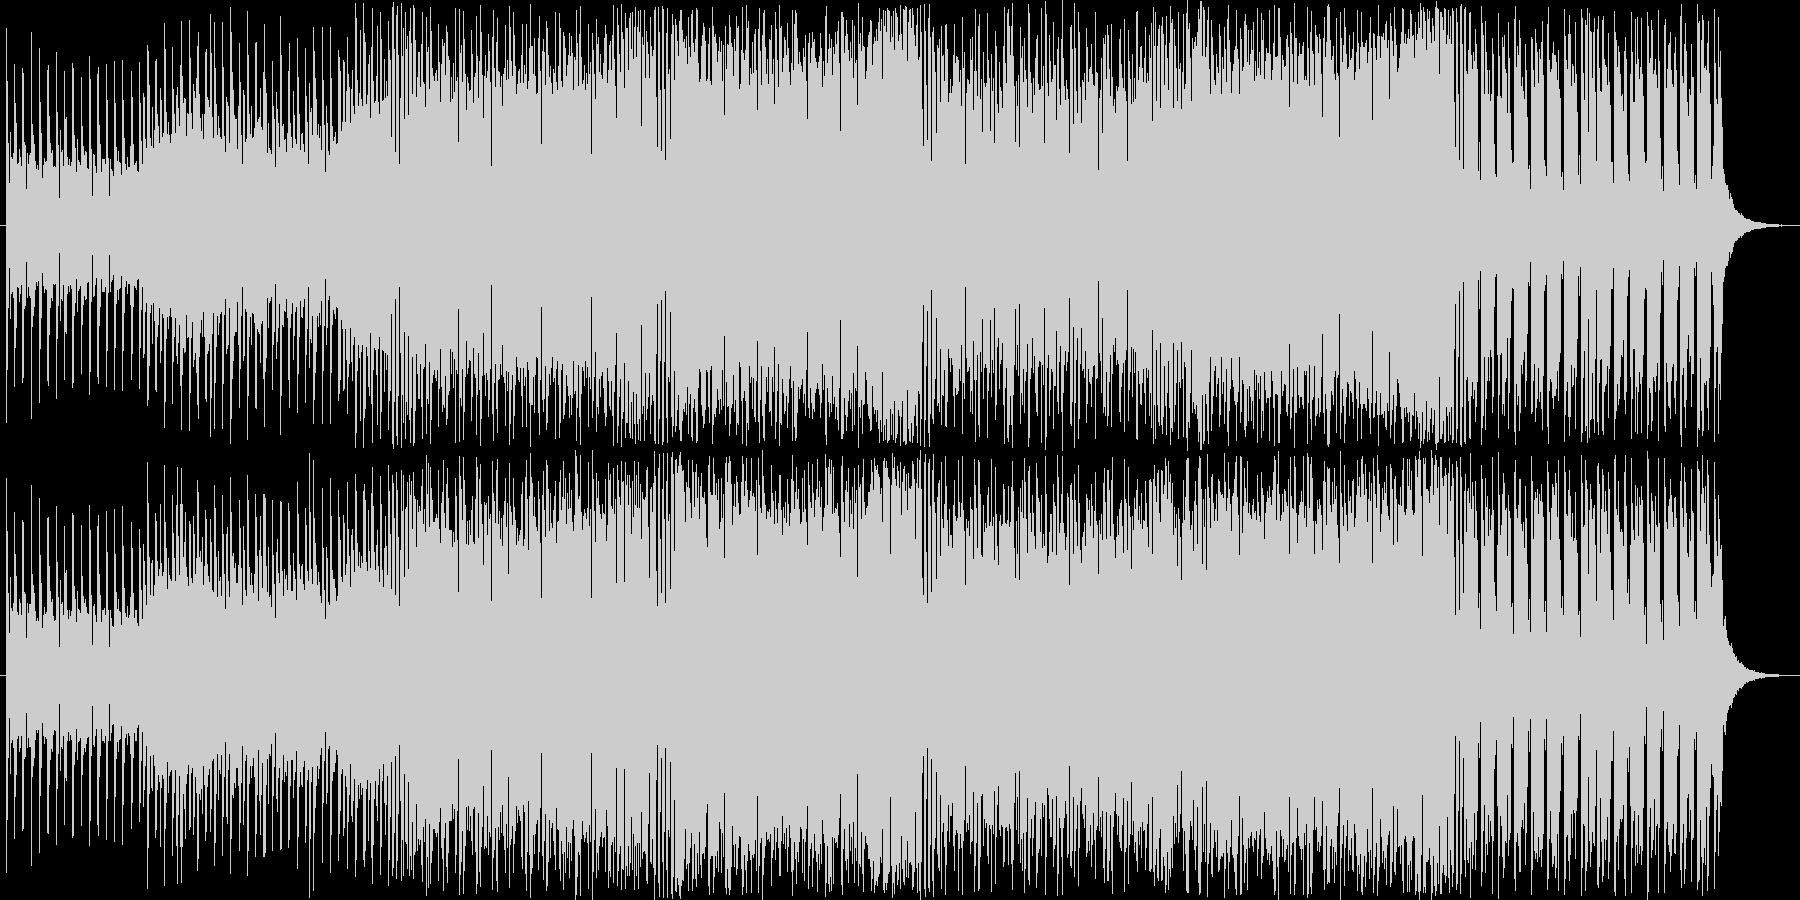 何かが始まる予感のする低音ビートの未再生の波形